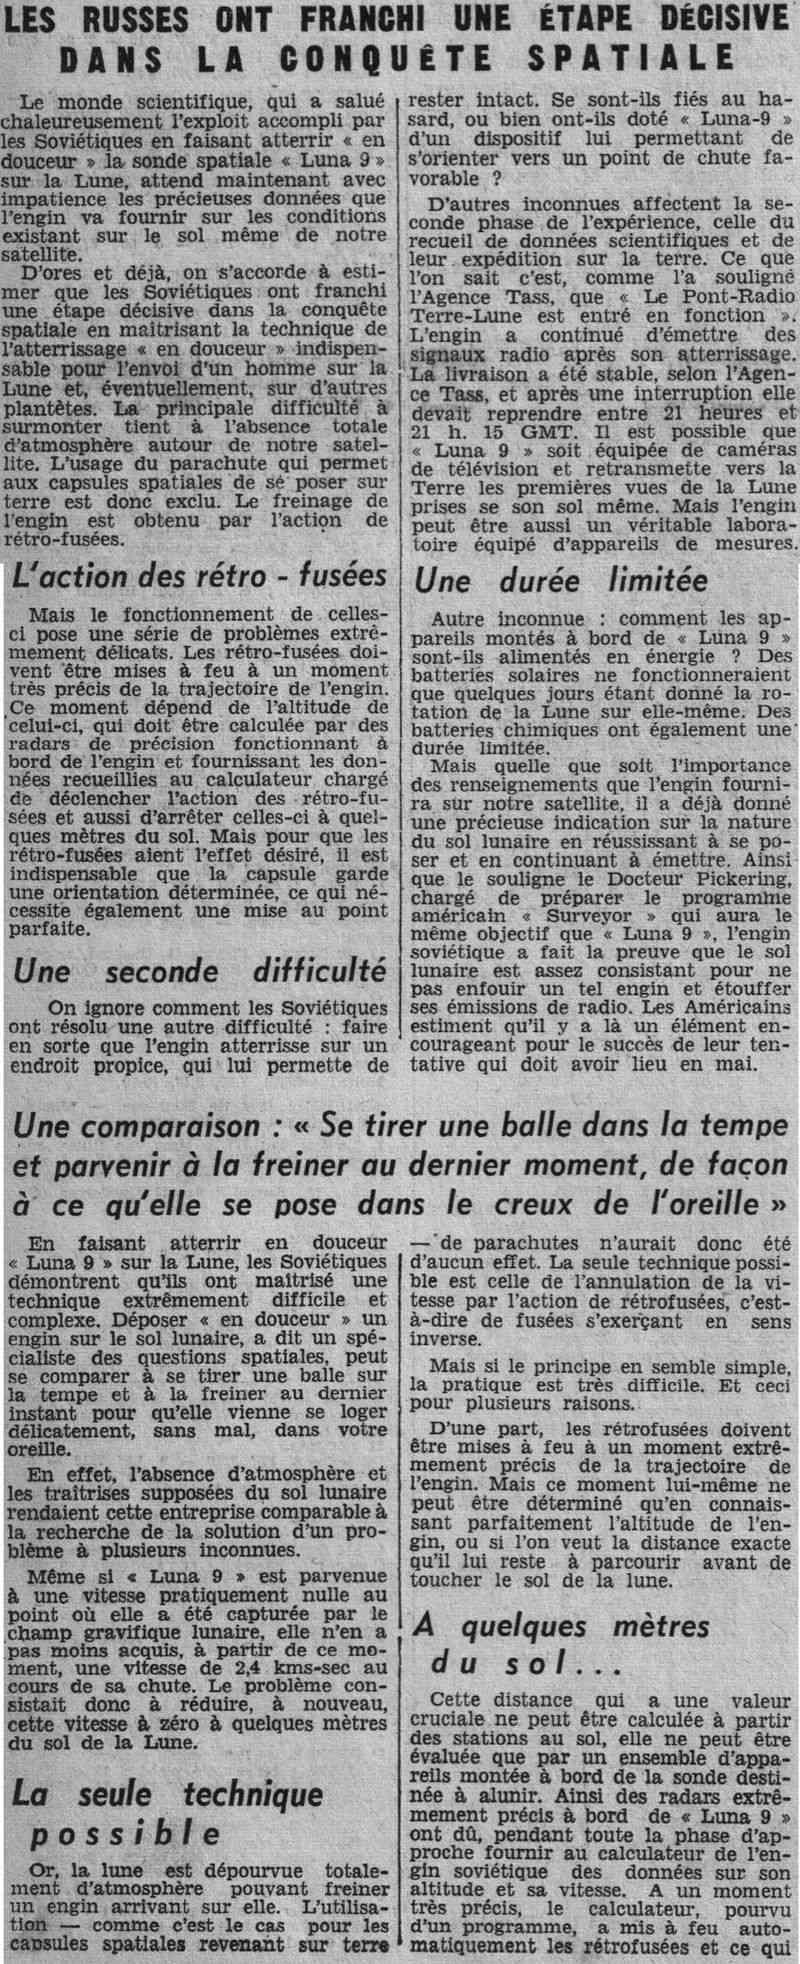 31-1-1966 - Luna 9 - 1er atterrissage en douceur sur la Lune 66020513